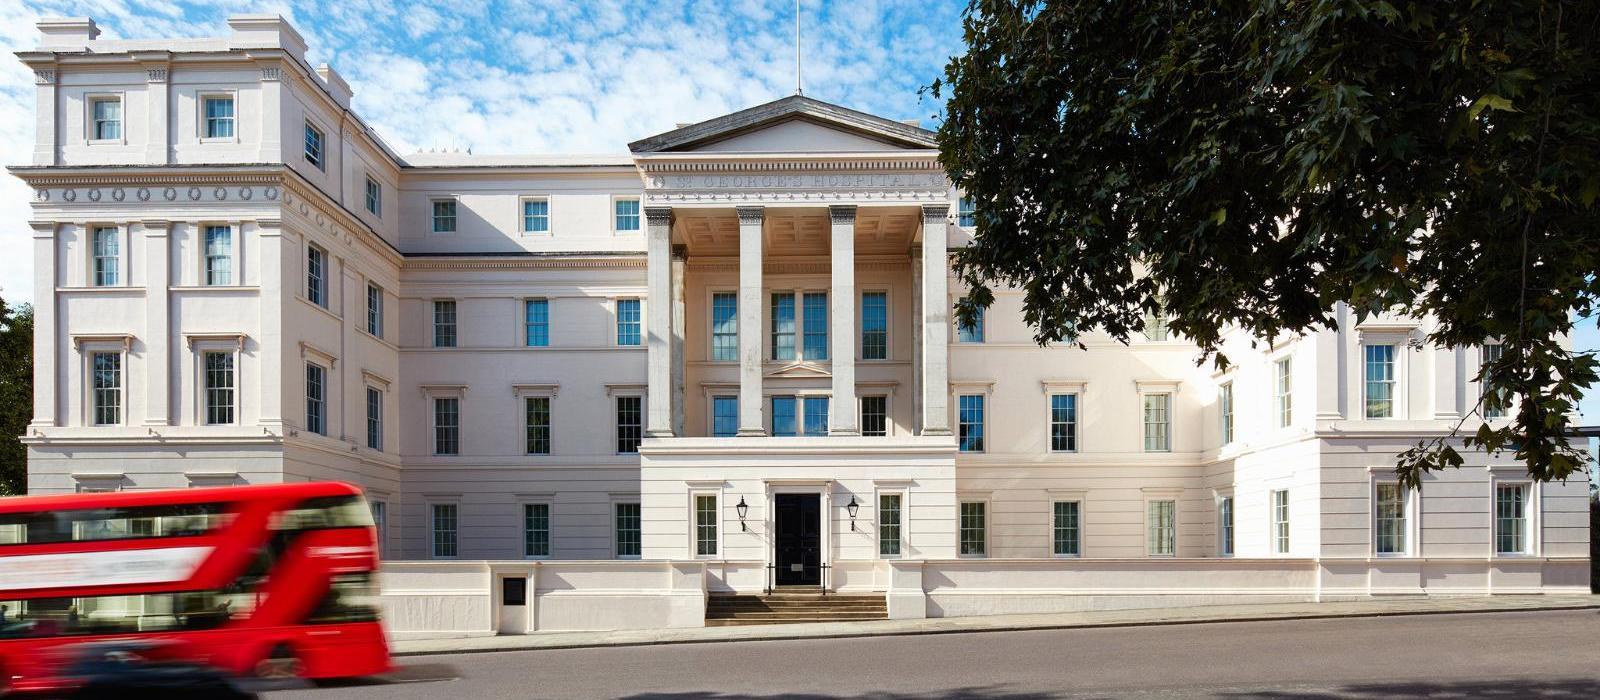 伦敦兰斯伯瑞酒店 - 欧特家酒店集团(The Lanesborough, Oetker Collection) 图片  www.lhw.cn